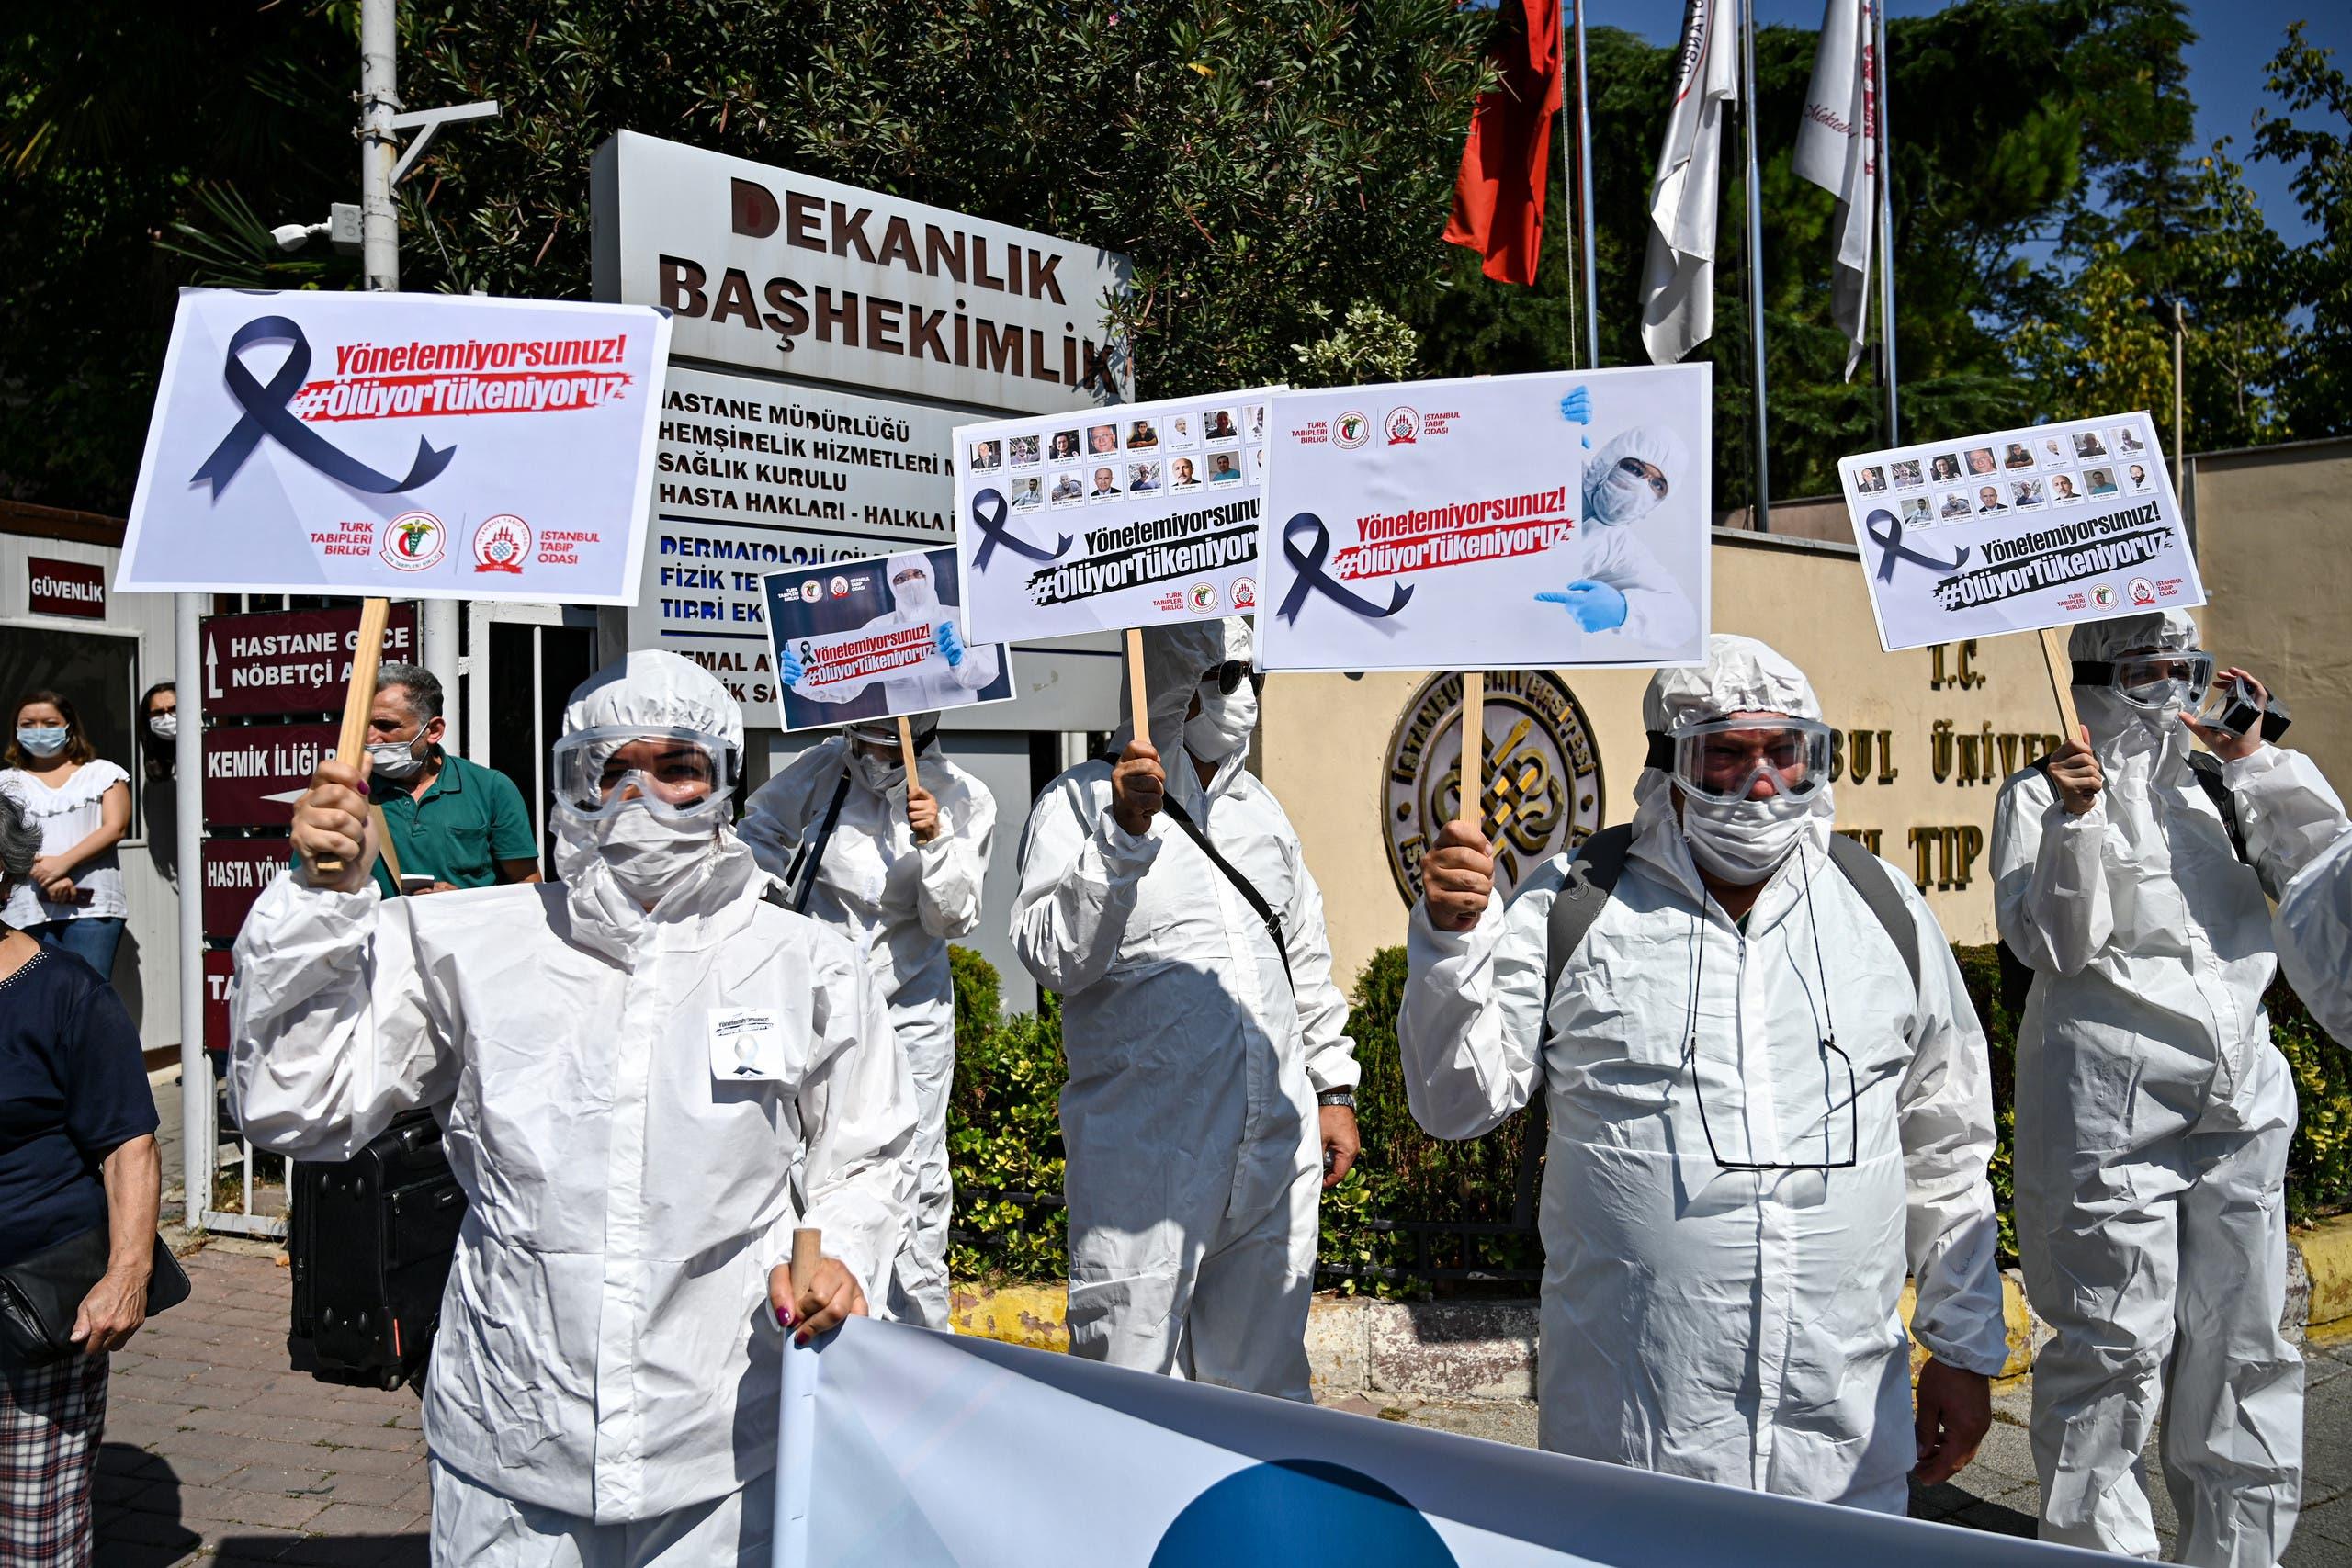 وقفة سابقة للعمال الصحيين في اسطنبول في سبتمبر الماضي اعتراضاً على إدارة الأزمة